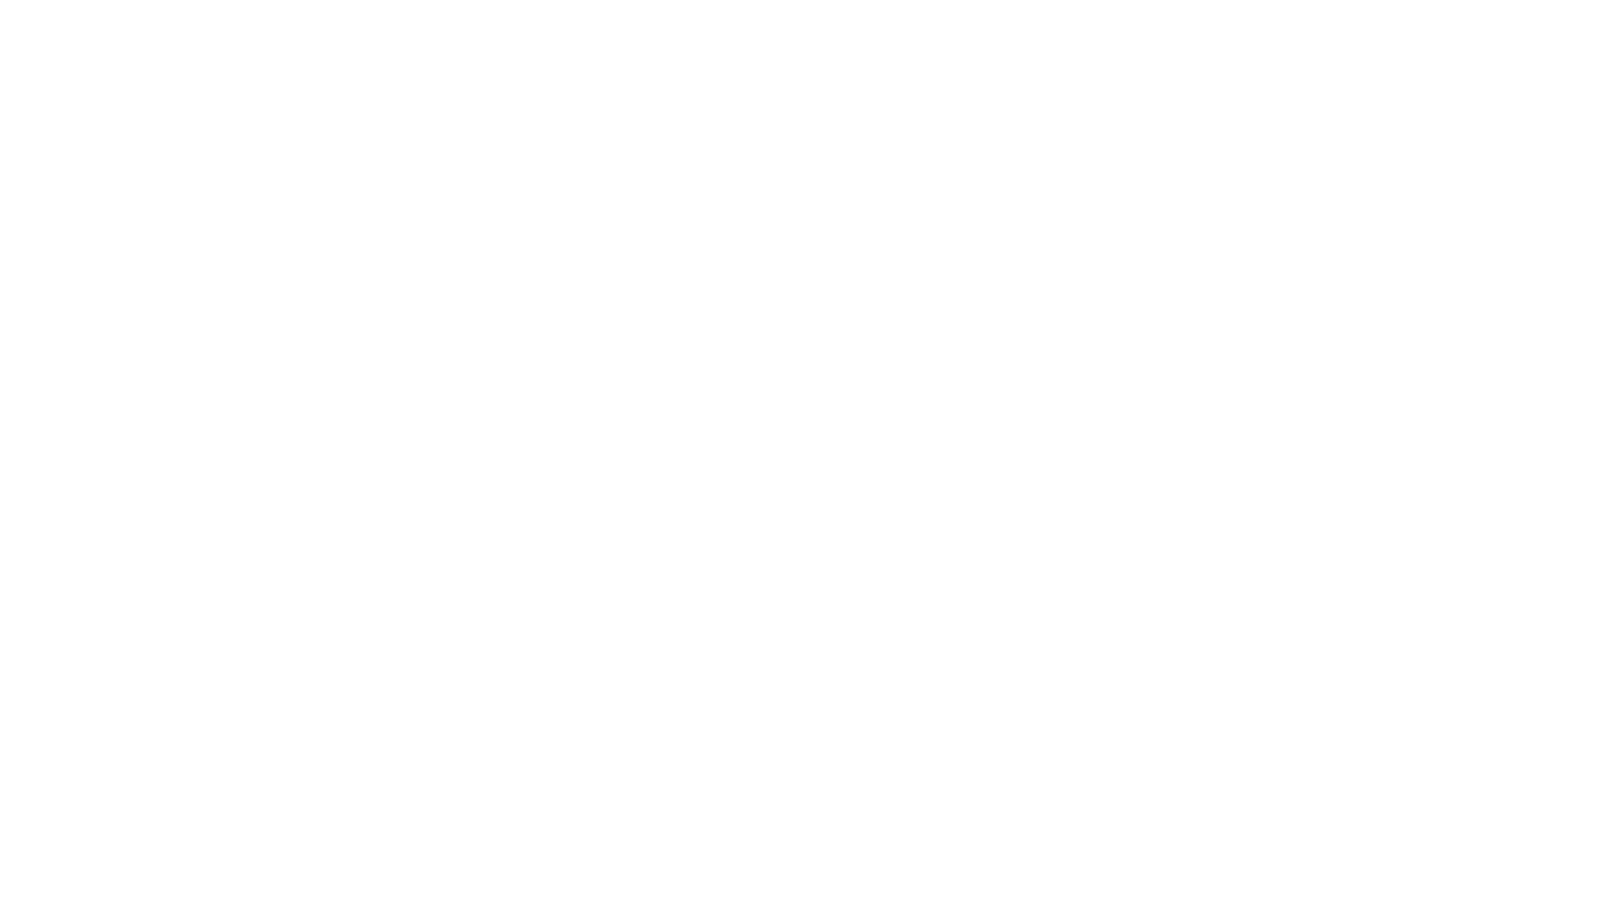 薄着になるこの季節本格的に なる前にしっかりと振袖を なくして楽しい夏にしましょう(^^)/  是非試してみてください!   ♦姿勢調整スタジオAdjsut公式HP http://studioadjust.wp.xdomain.jp/  ♦Twitter https://twitter.com/ki0331sinro  ♦インスタ https://www.instagram.com/adjust.s.co/  ♦LINE@ https://lin.ee/3UeSTRg